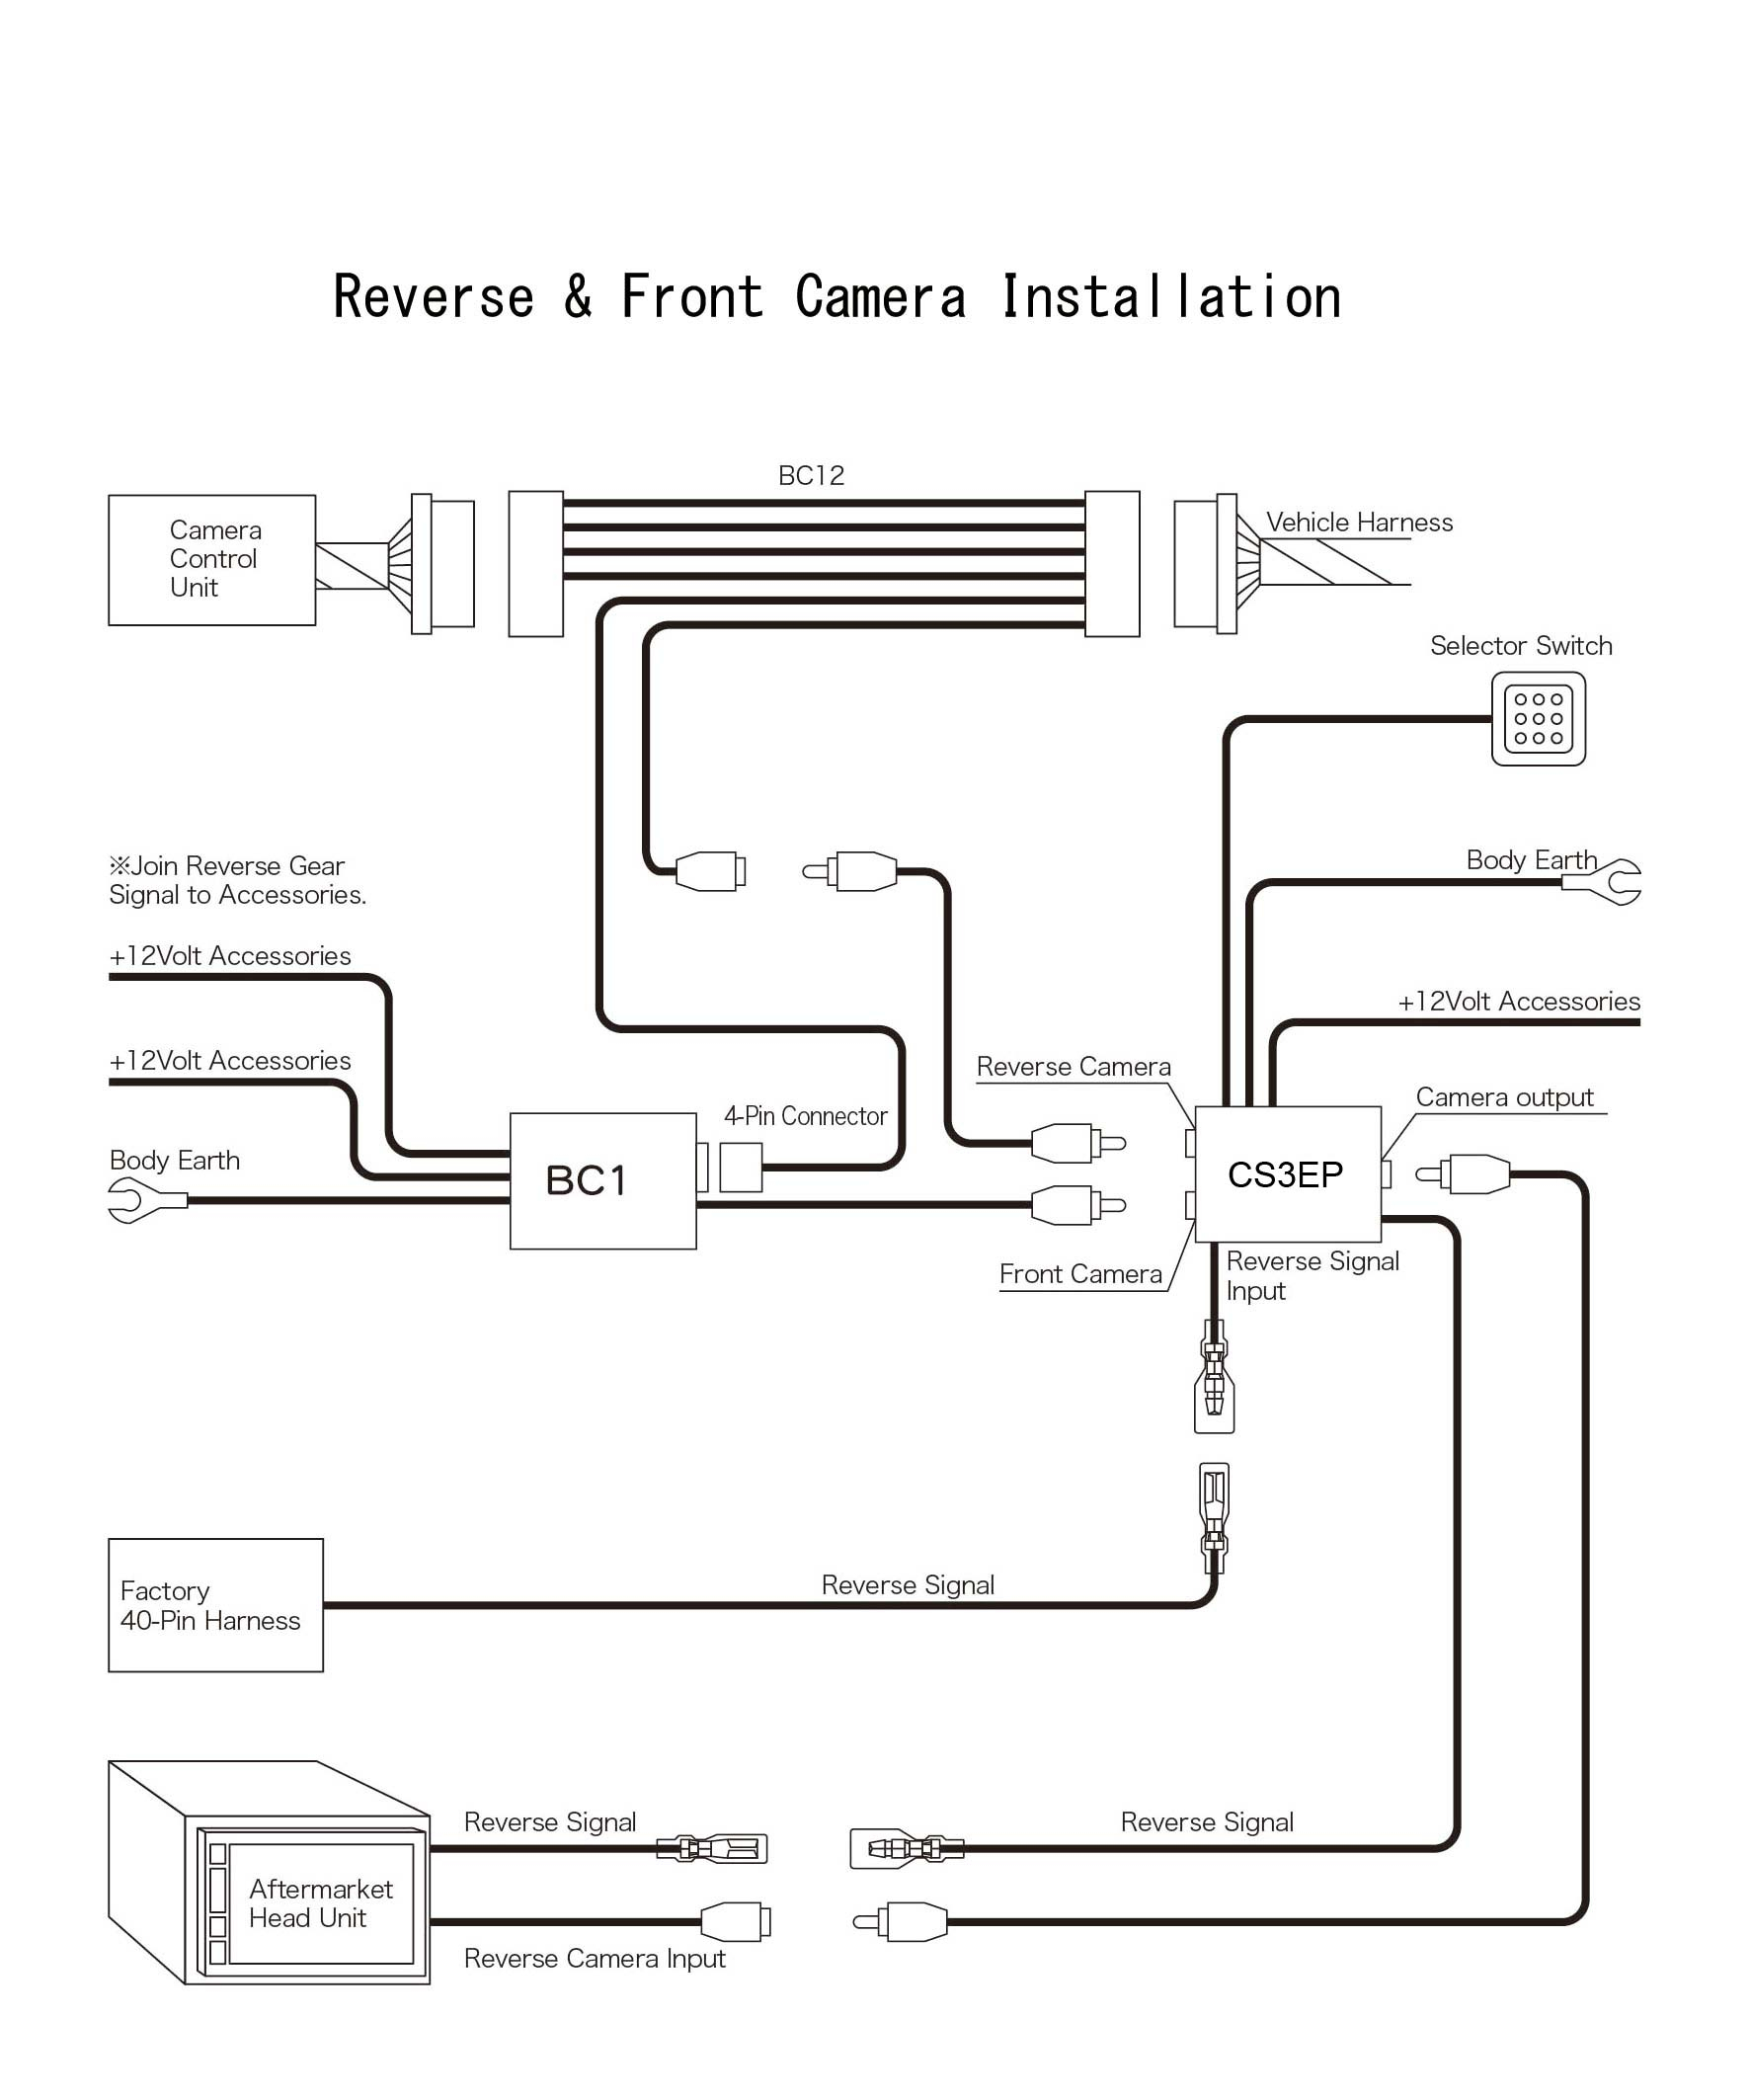 Prado Reverse Camera Wiring Diagram | Wiring Diagram - Toyota Reverse Camera Wiring Diagram